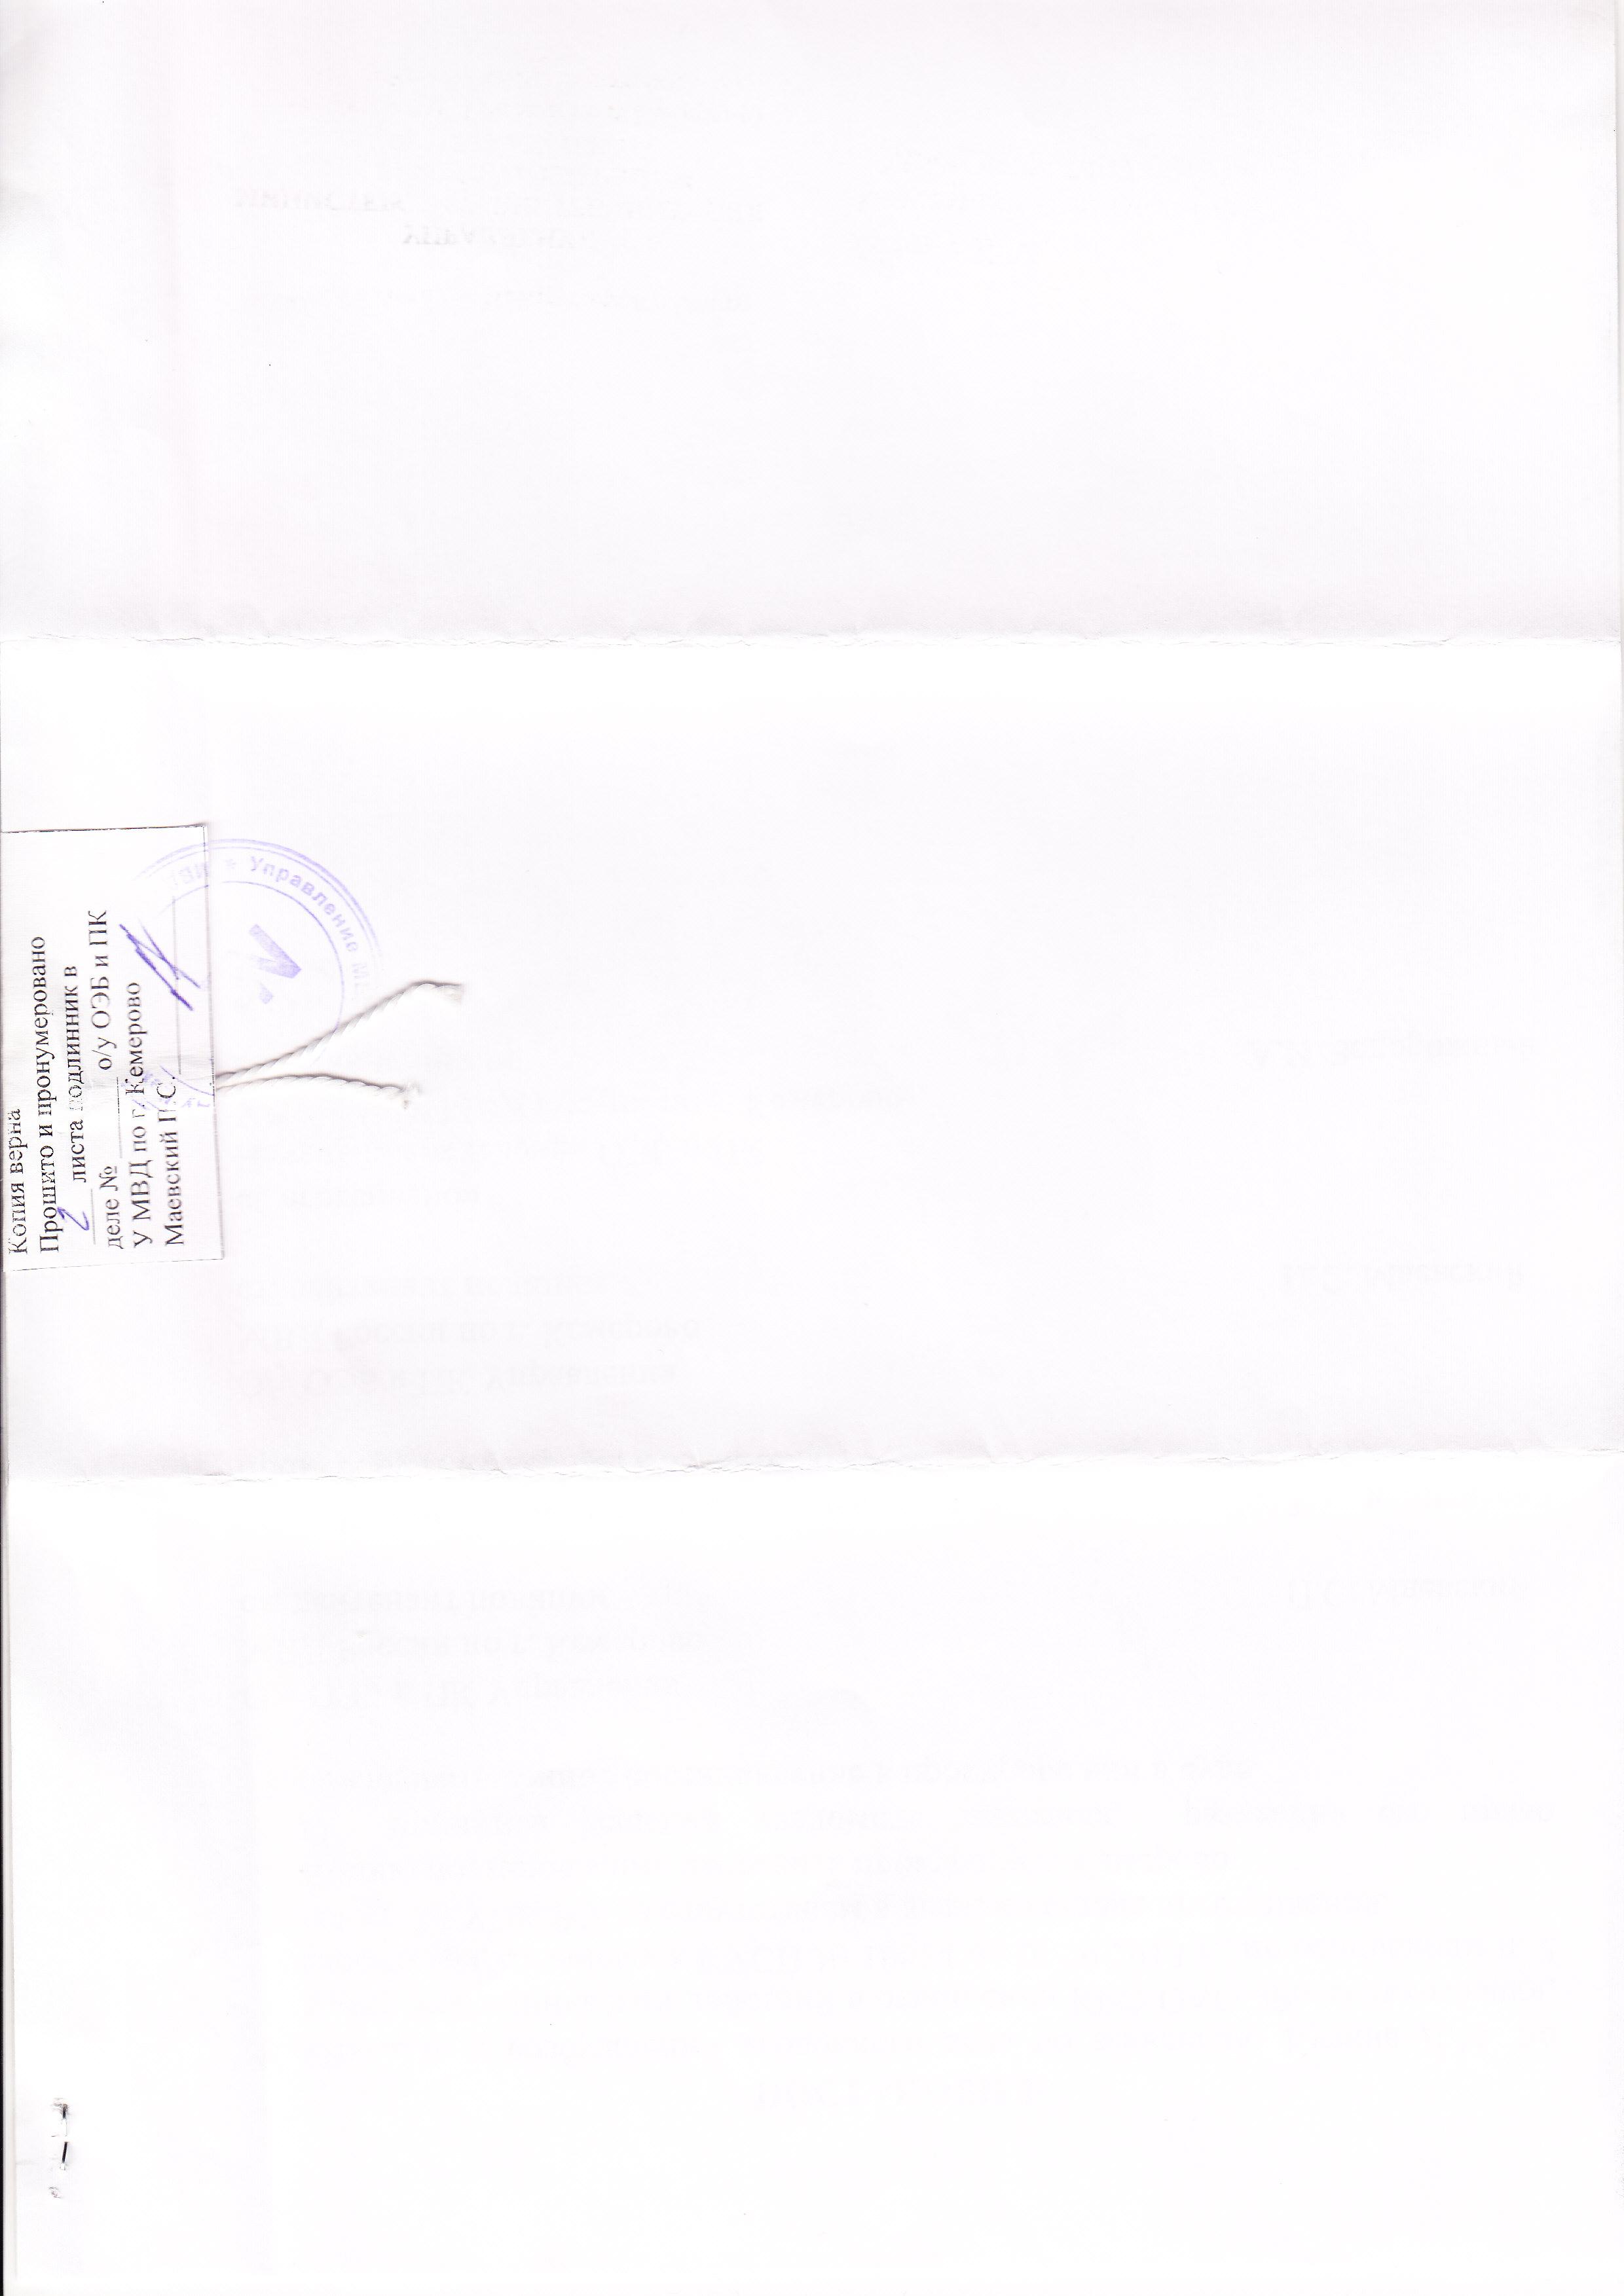 Постановление Маевского от 30 09 2013 - оборот